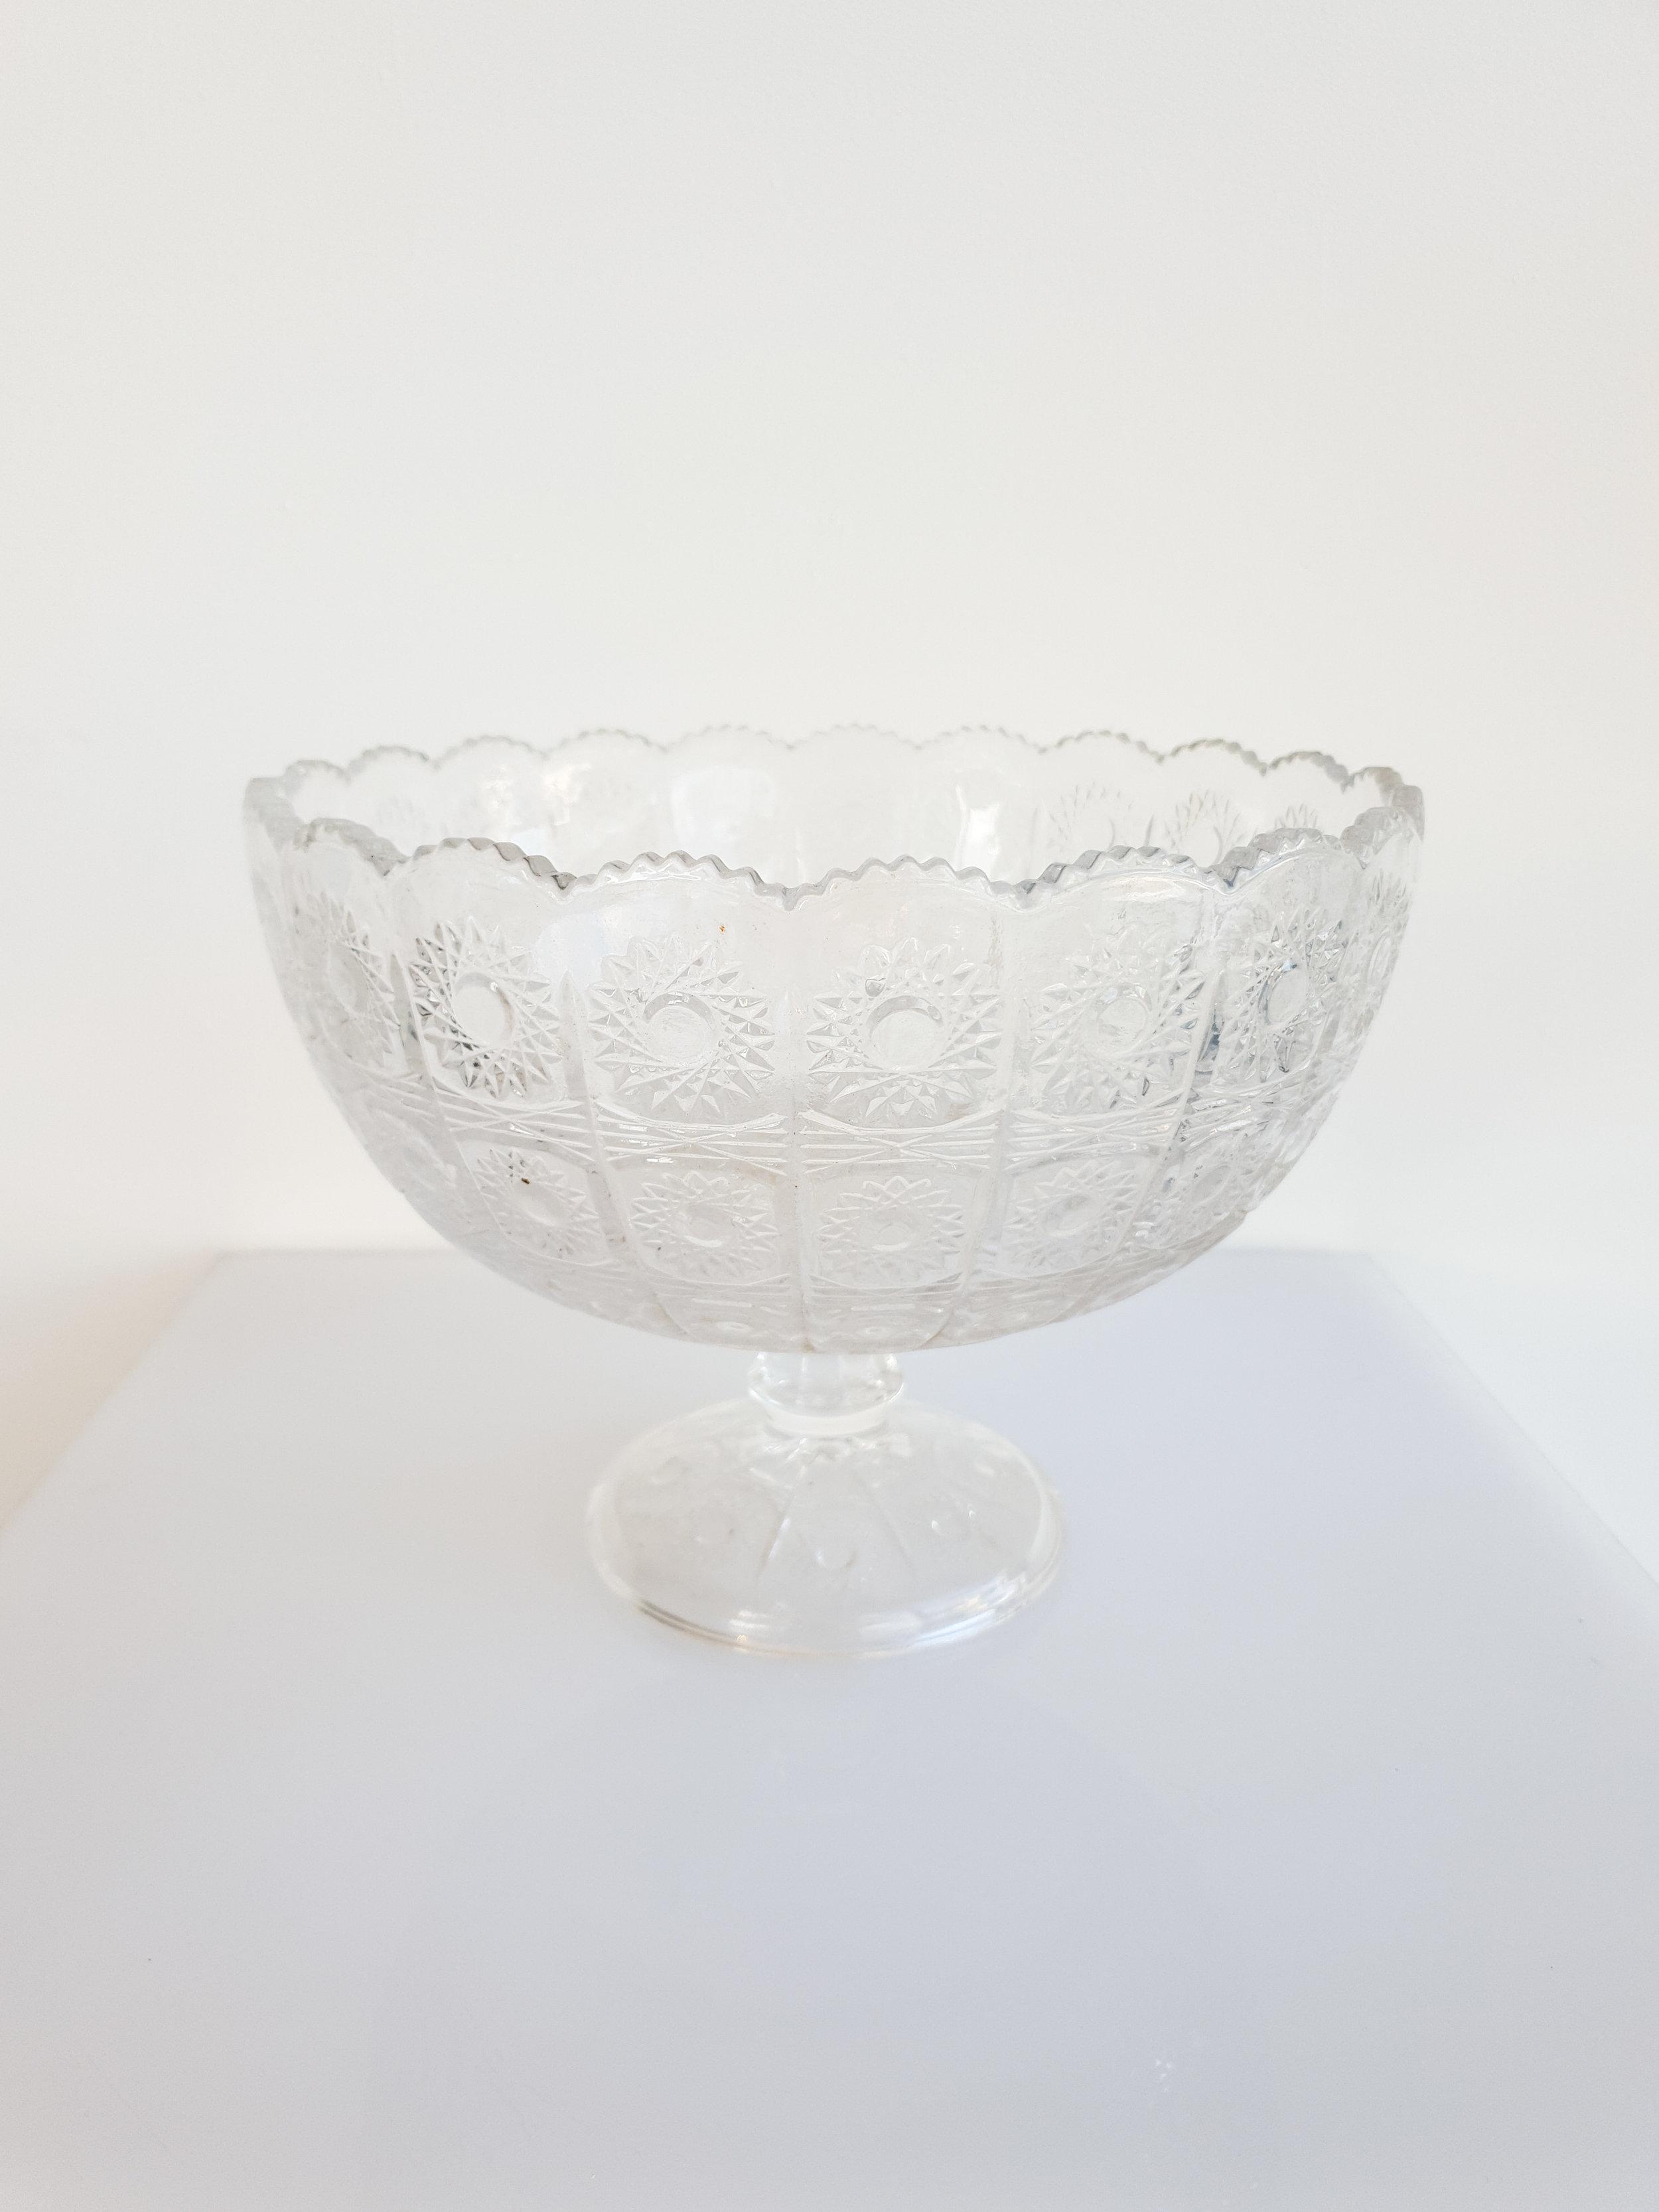 CUT GLASS FLORAL BOWL  $15+GST